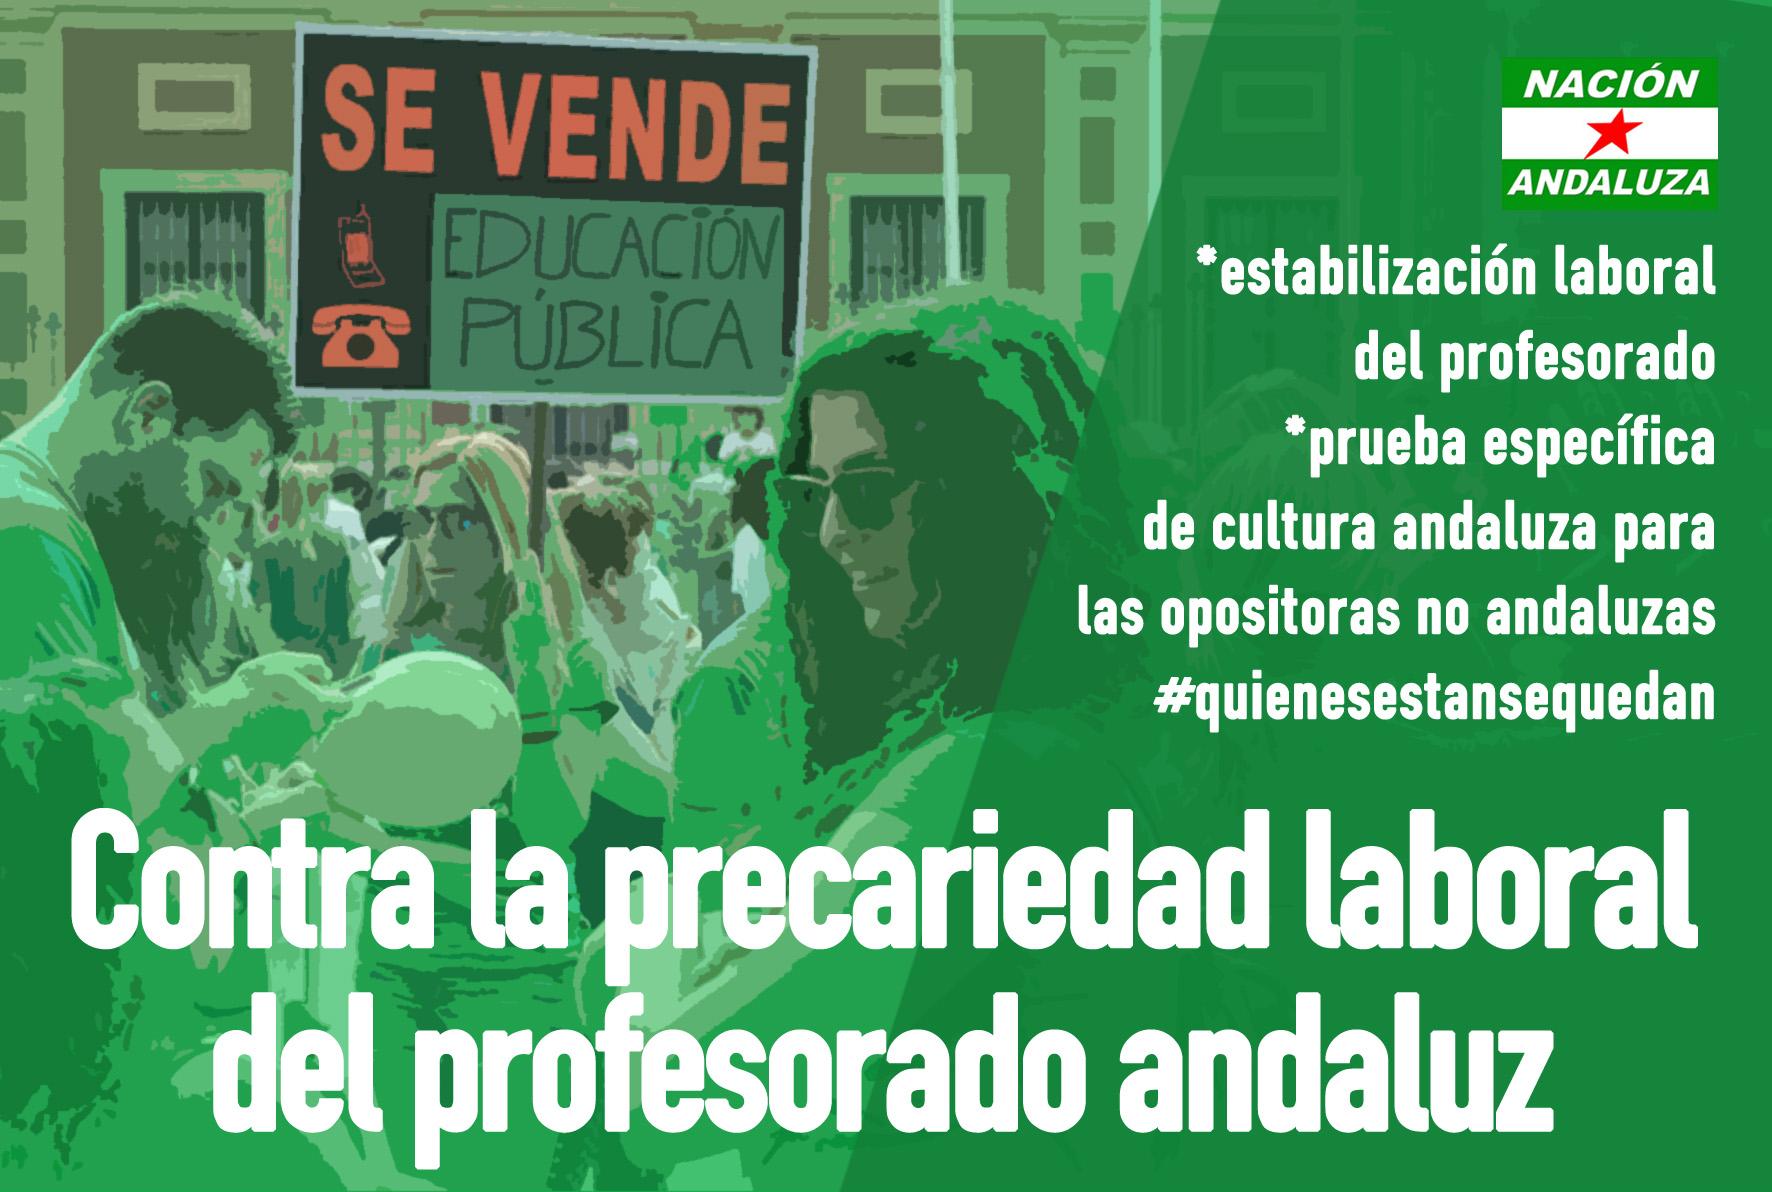 Nación Andaluza con las reivindicaciones del profesorado interino andaluz.  Quienes están se quedan.